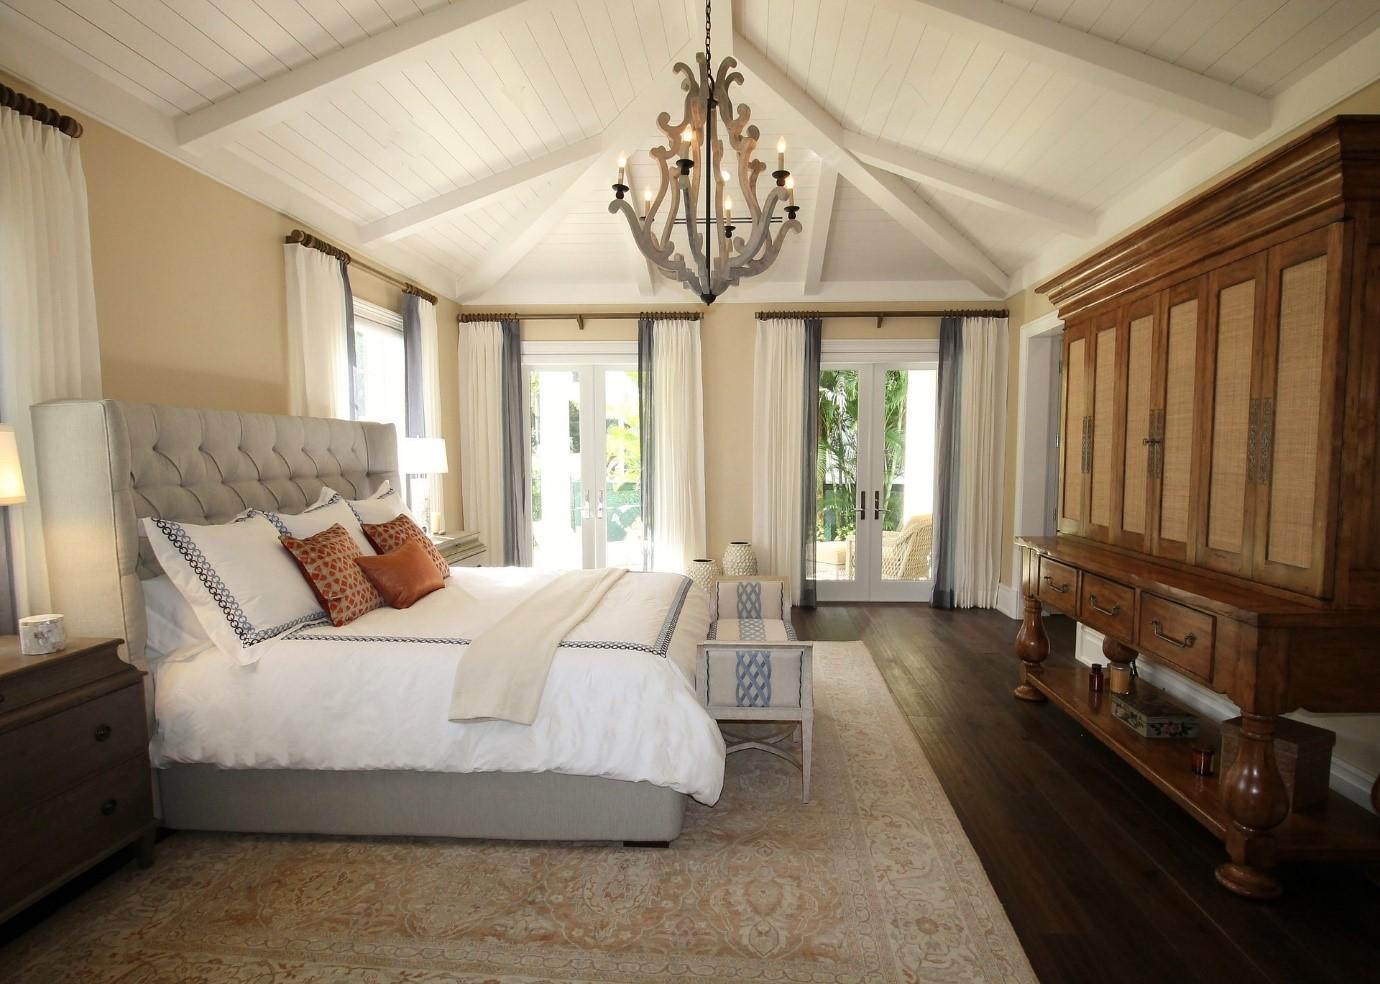 5 Luxury Bedroom Ideas - Mile High Home Pro